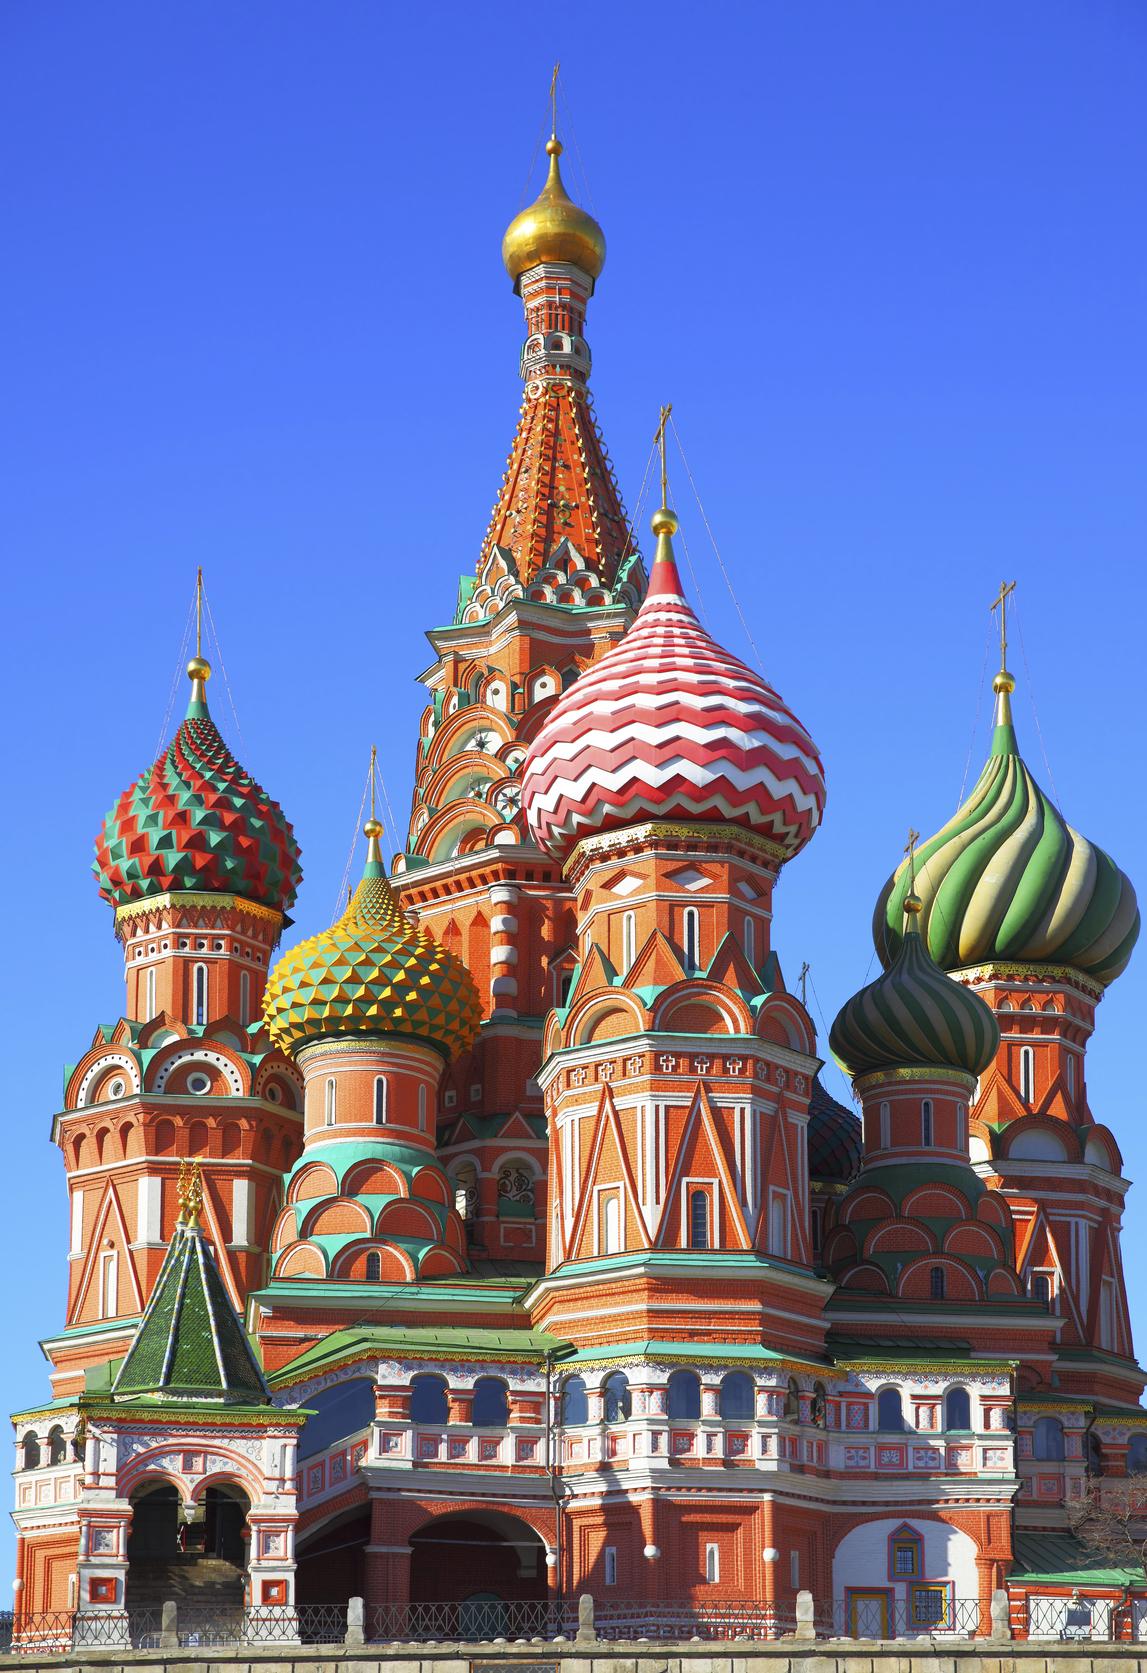 雷米諾雅:俄羅斯東正教教堂的特色建築